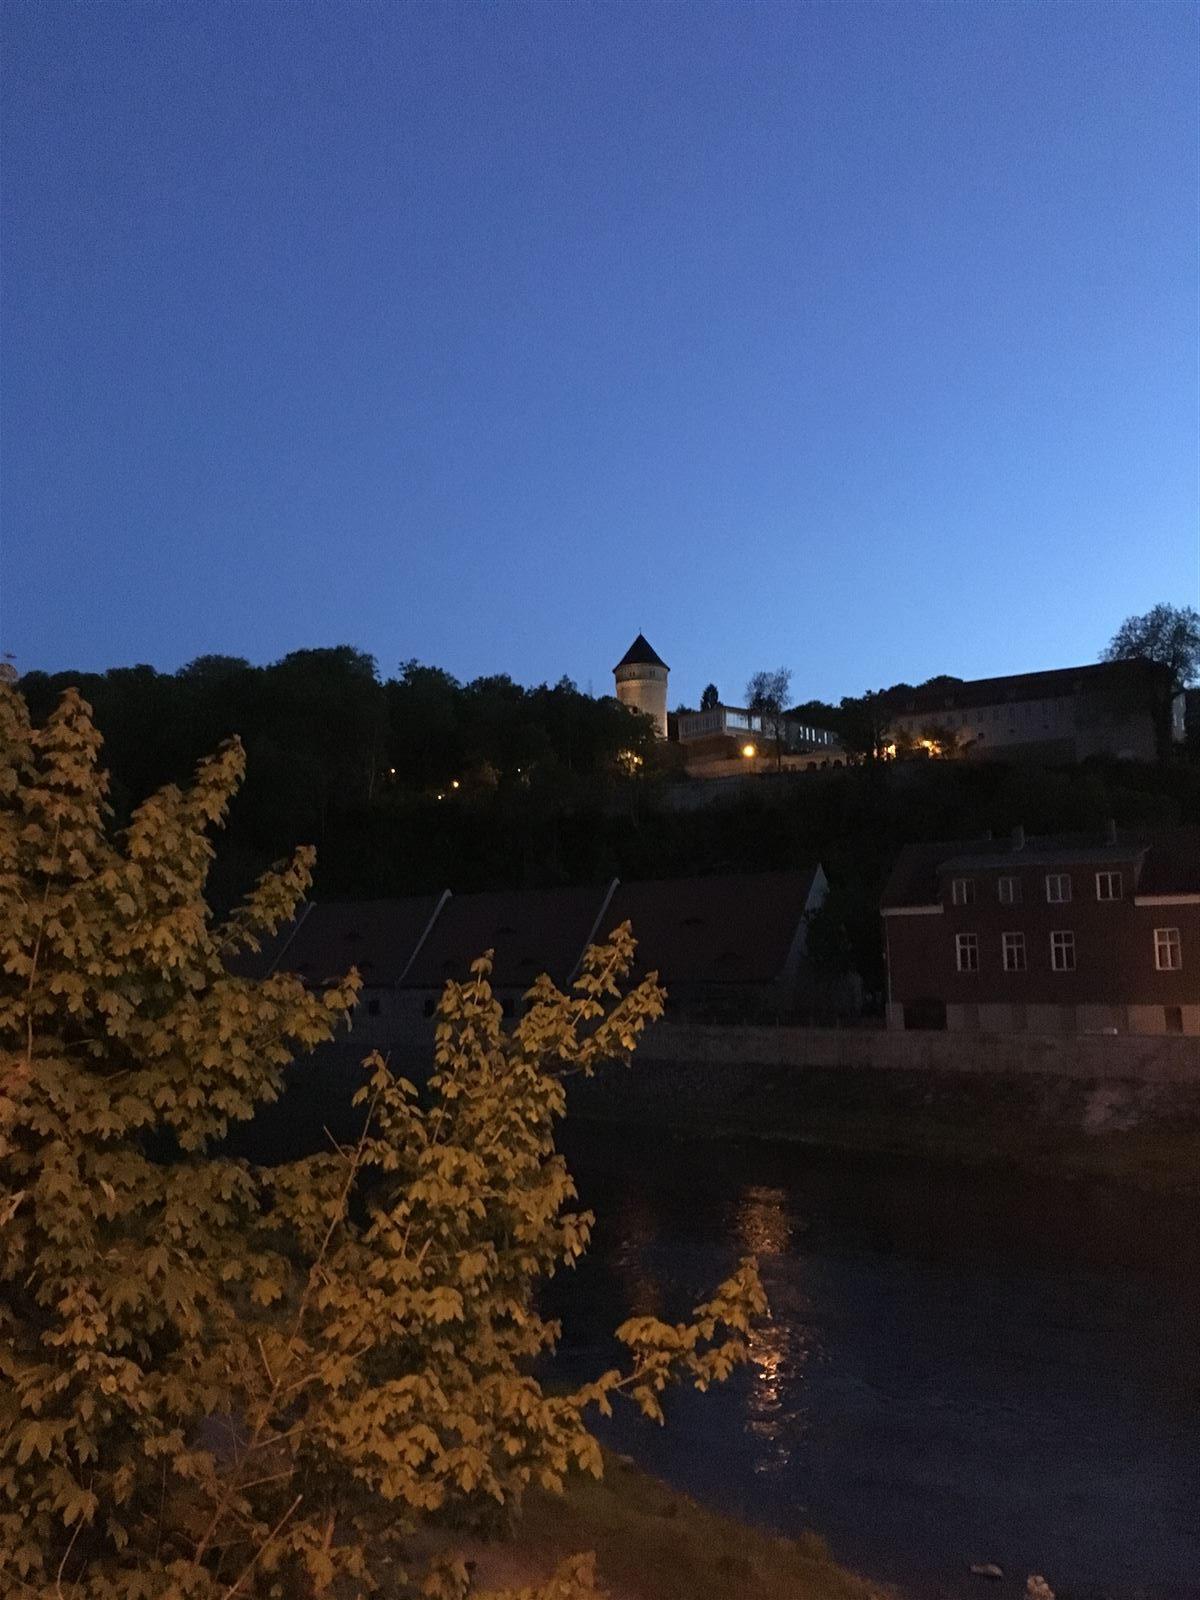 Gera Untermhaus Blick zum Turm des Schlosses Osterstein